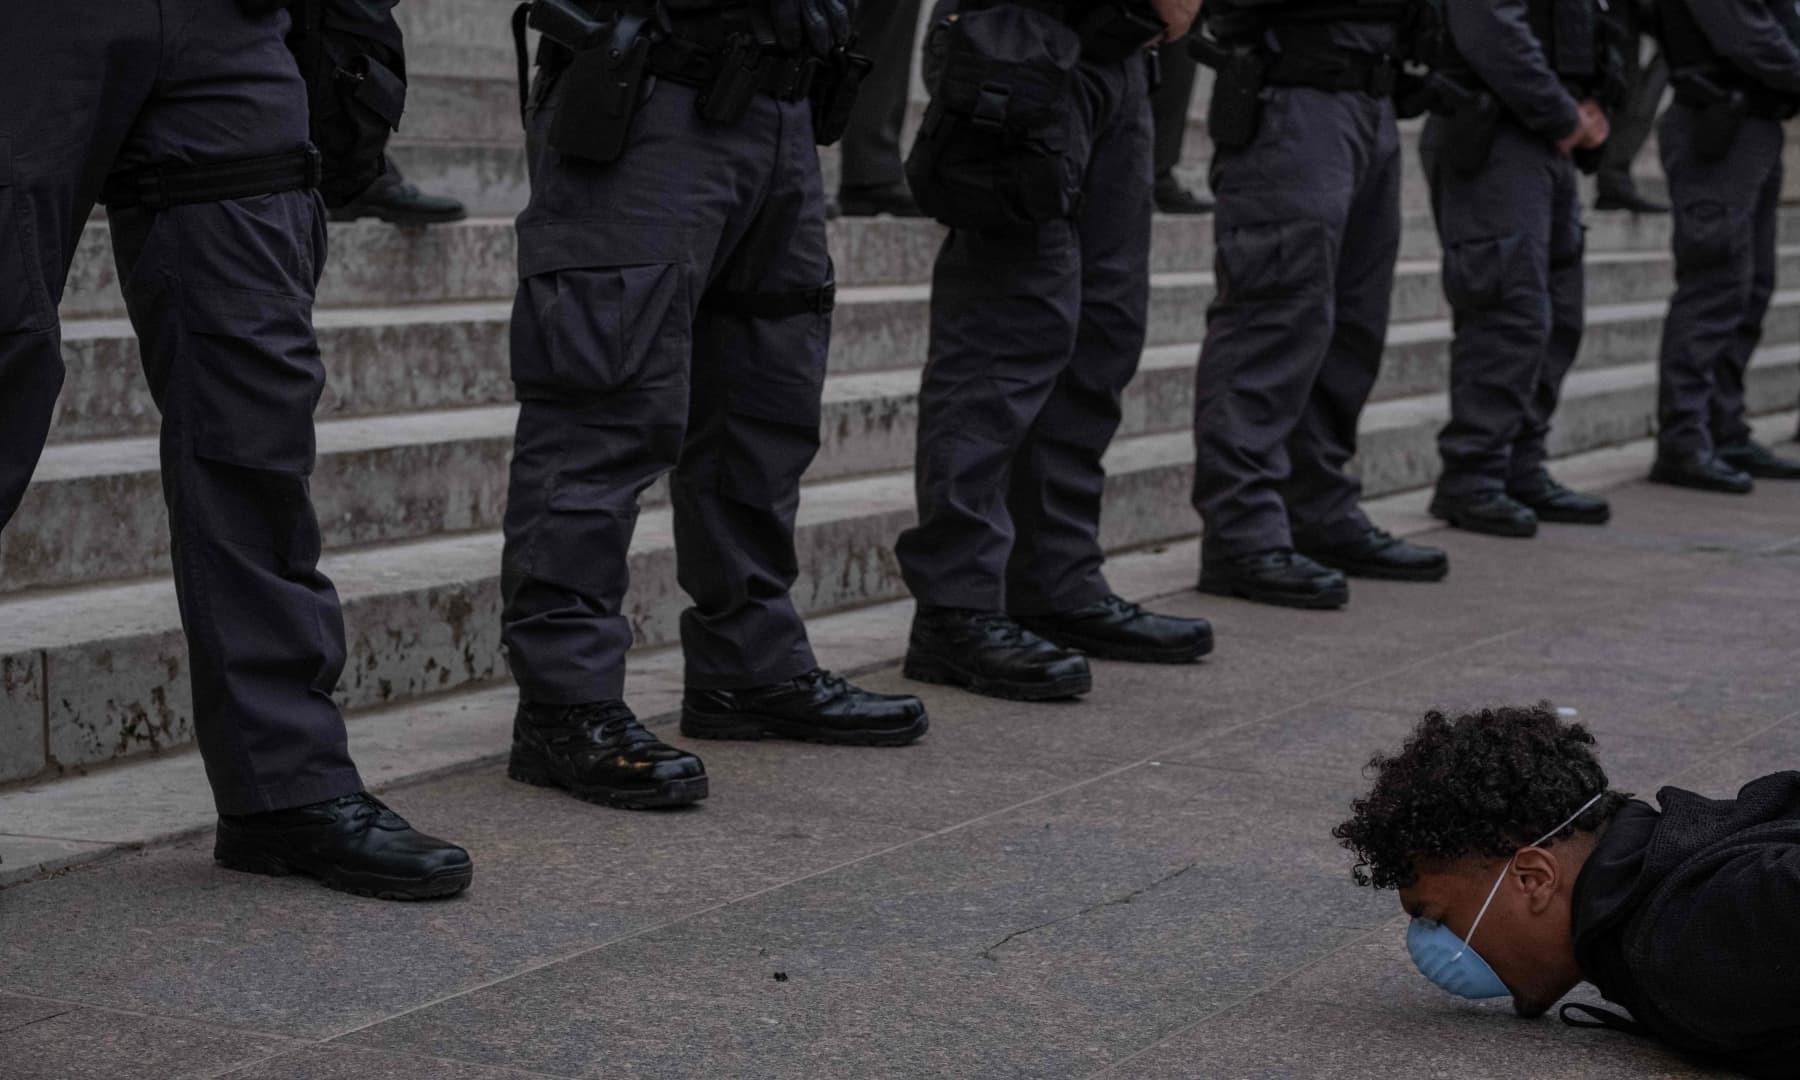 نیویارک میں ایک شخص احتجاج کے دوران سیکیورٹی اہلکاروں کے سامنے لیٹا ہوا ہے — فوٹو: اے ایف پی